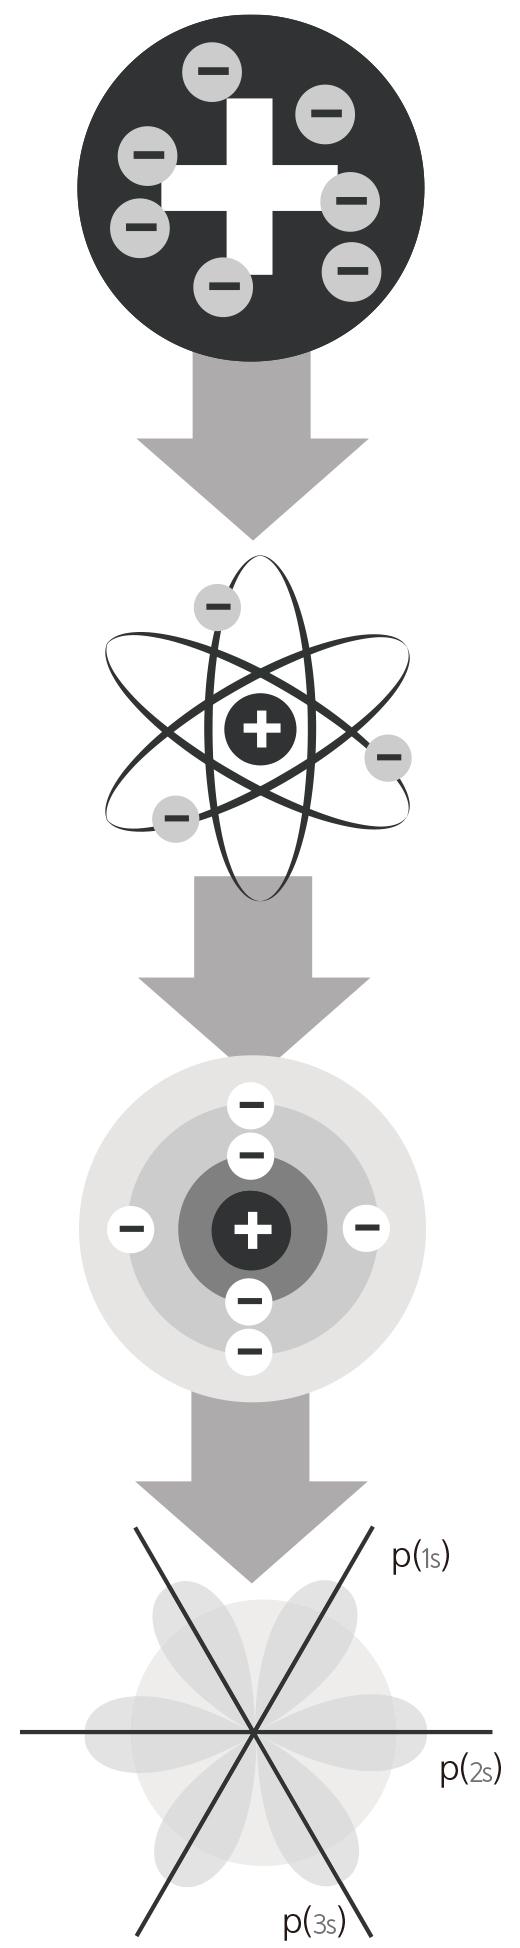 원자 모형의 변화. 위에서부터 차례대로 톰슨, 러더퍼드, 보어의 원자모형이다. 마지막은 훗날 하이젠베르크와 슈뢰딩거가 제안한 양자모형.